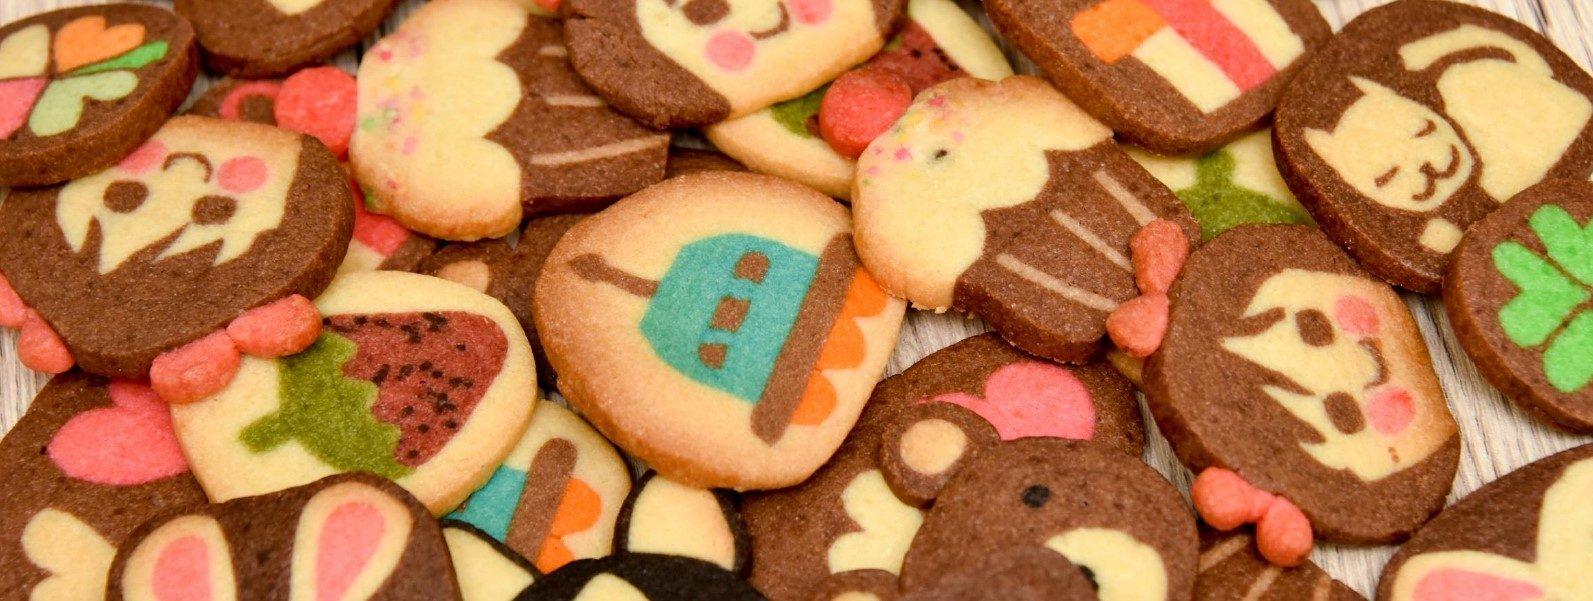 クッキー 可愛い